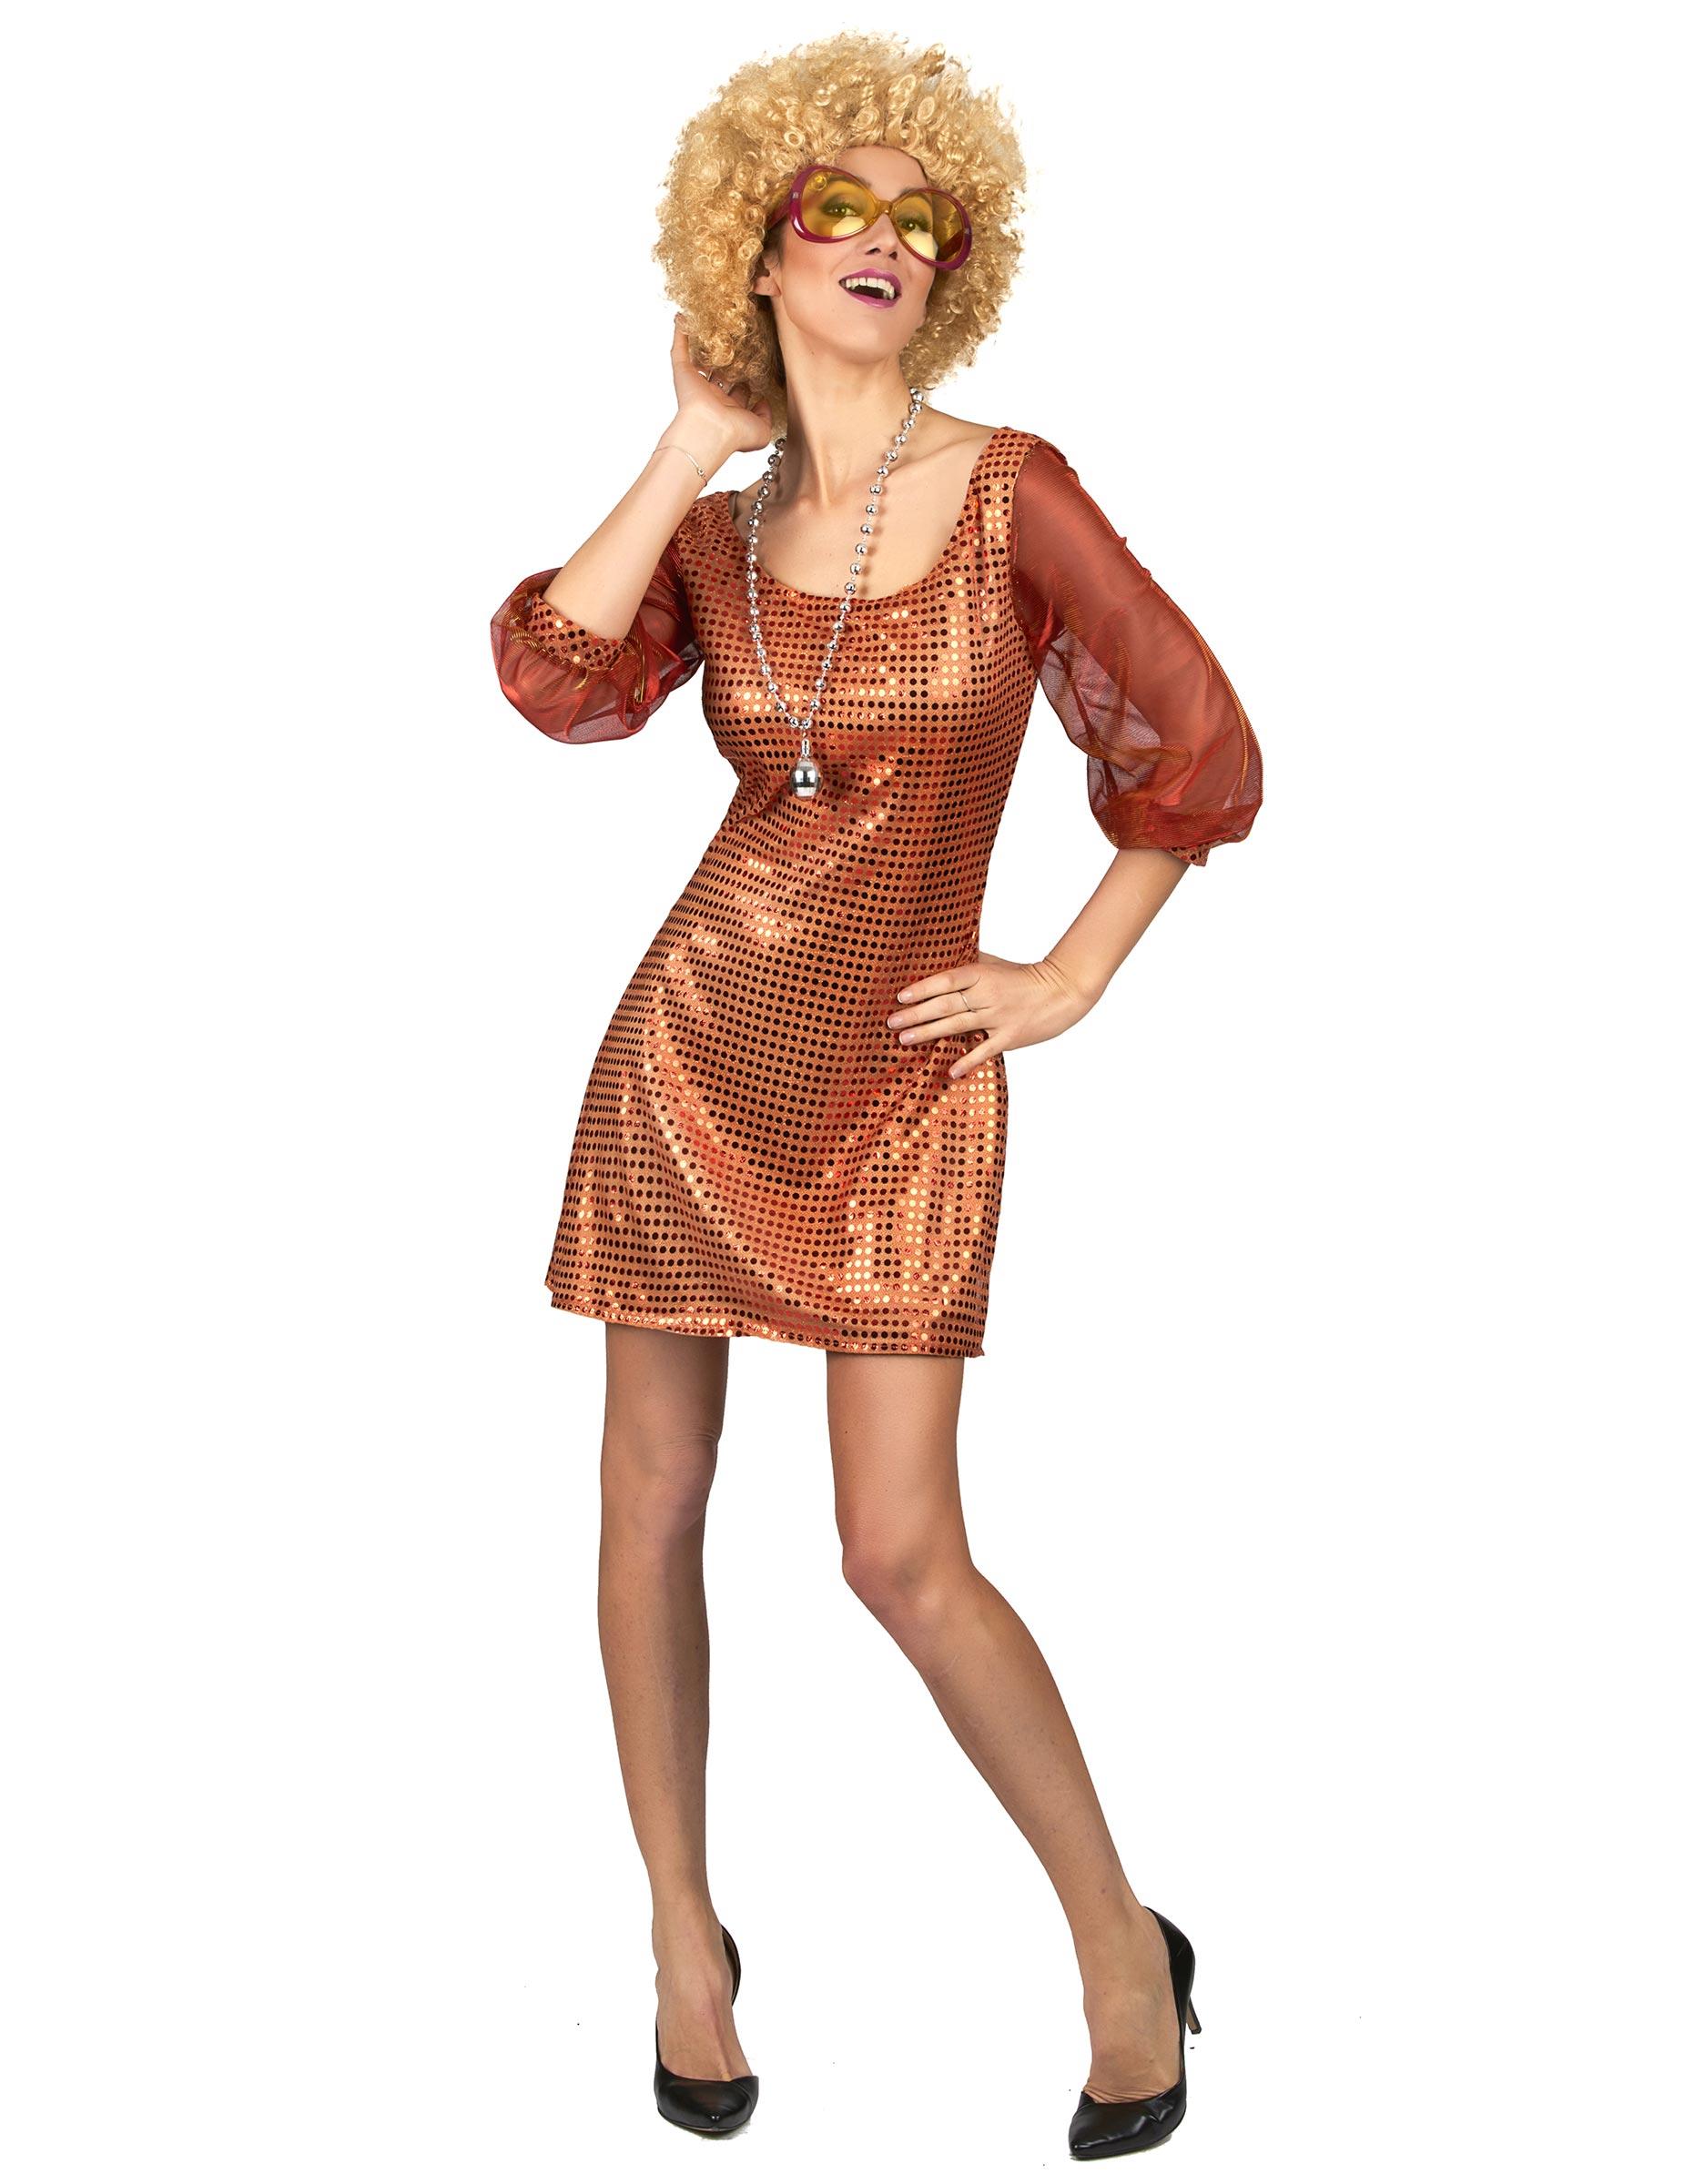 d guisement robe disco orange paillette femme deguise toi achat de d guisements adultes. Black Bedroom Furniture Sets. Home Design Ideas